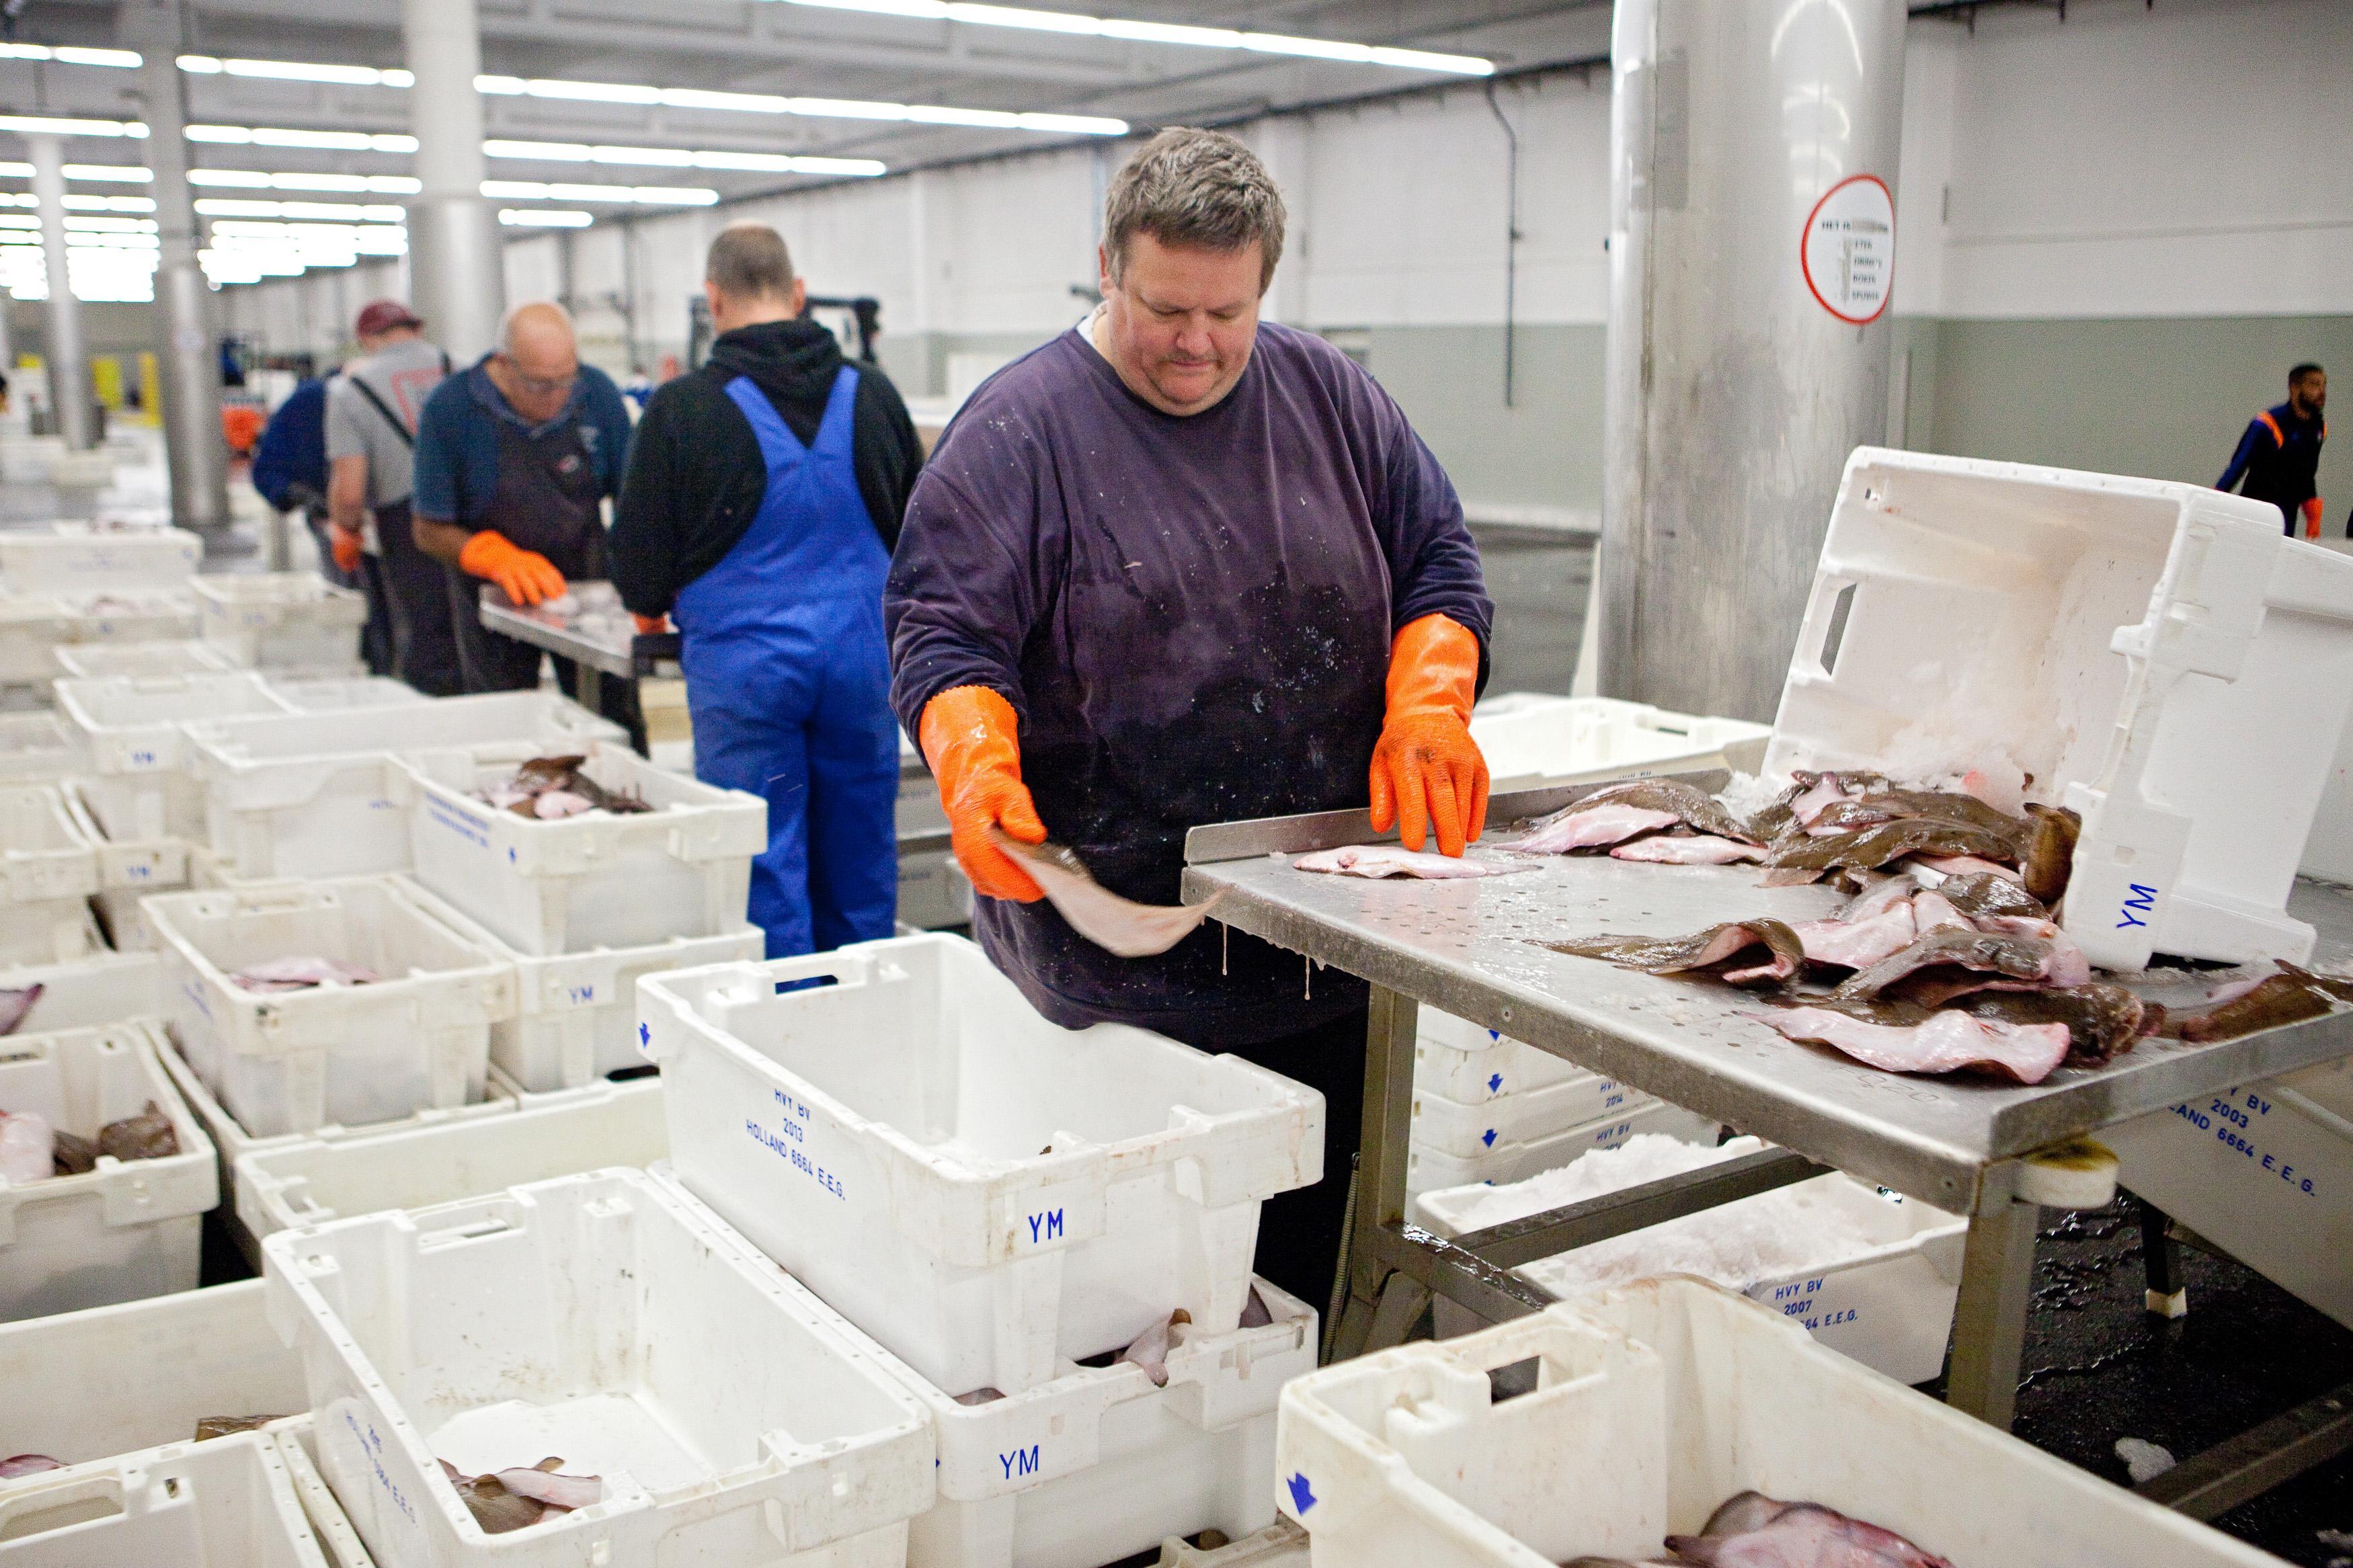 Britse vis wordt straks mogelijk gekeurd in IJmuiden: kandidaat als Buitengrens Inspectie Post